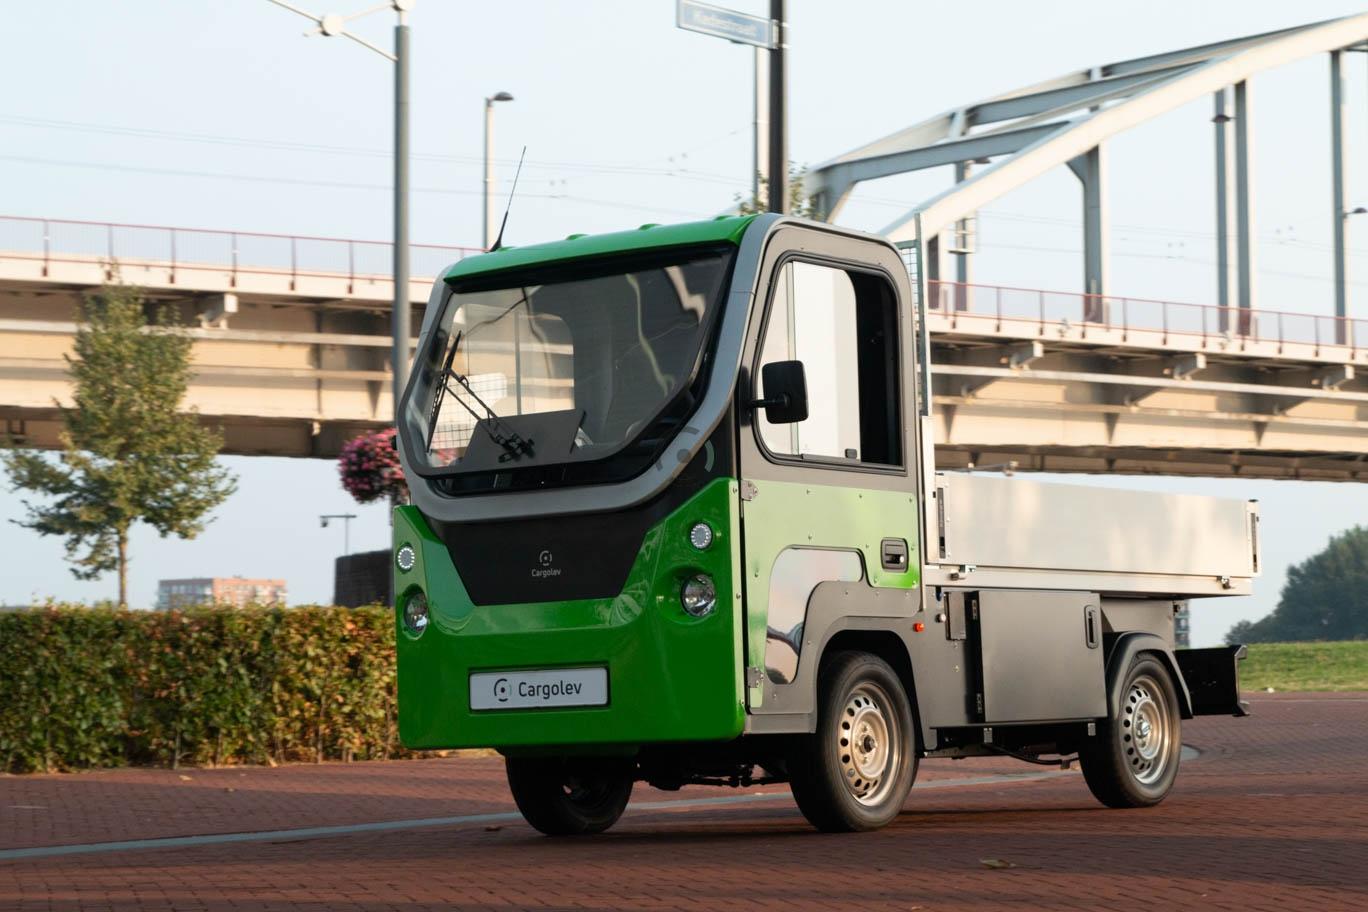 Cargolev LEVV met beperkte snelheid past goed in beperkte ruimten, zoals een binnenstad